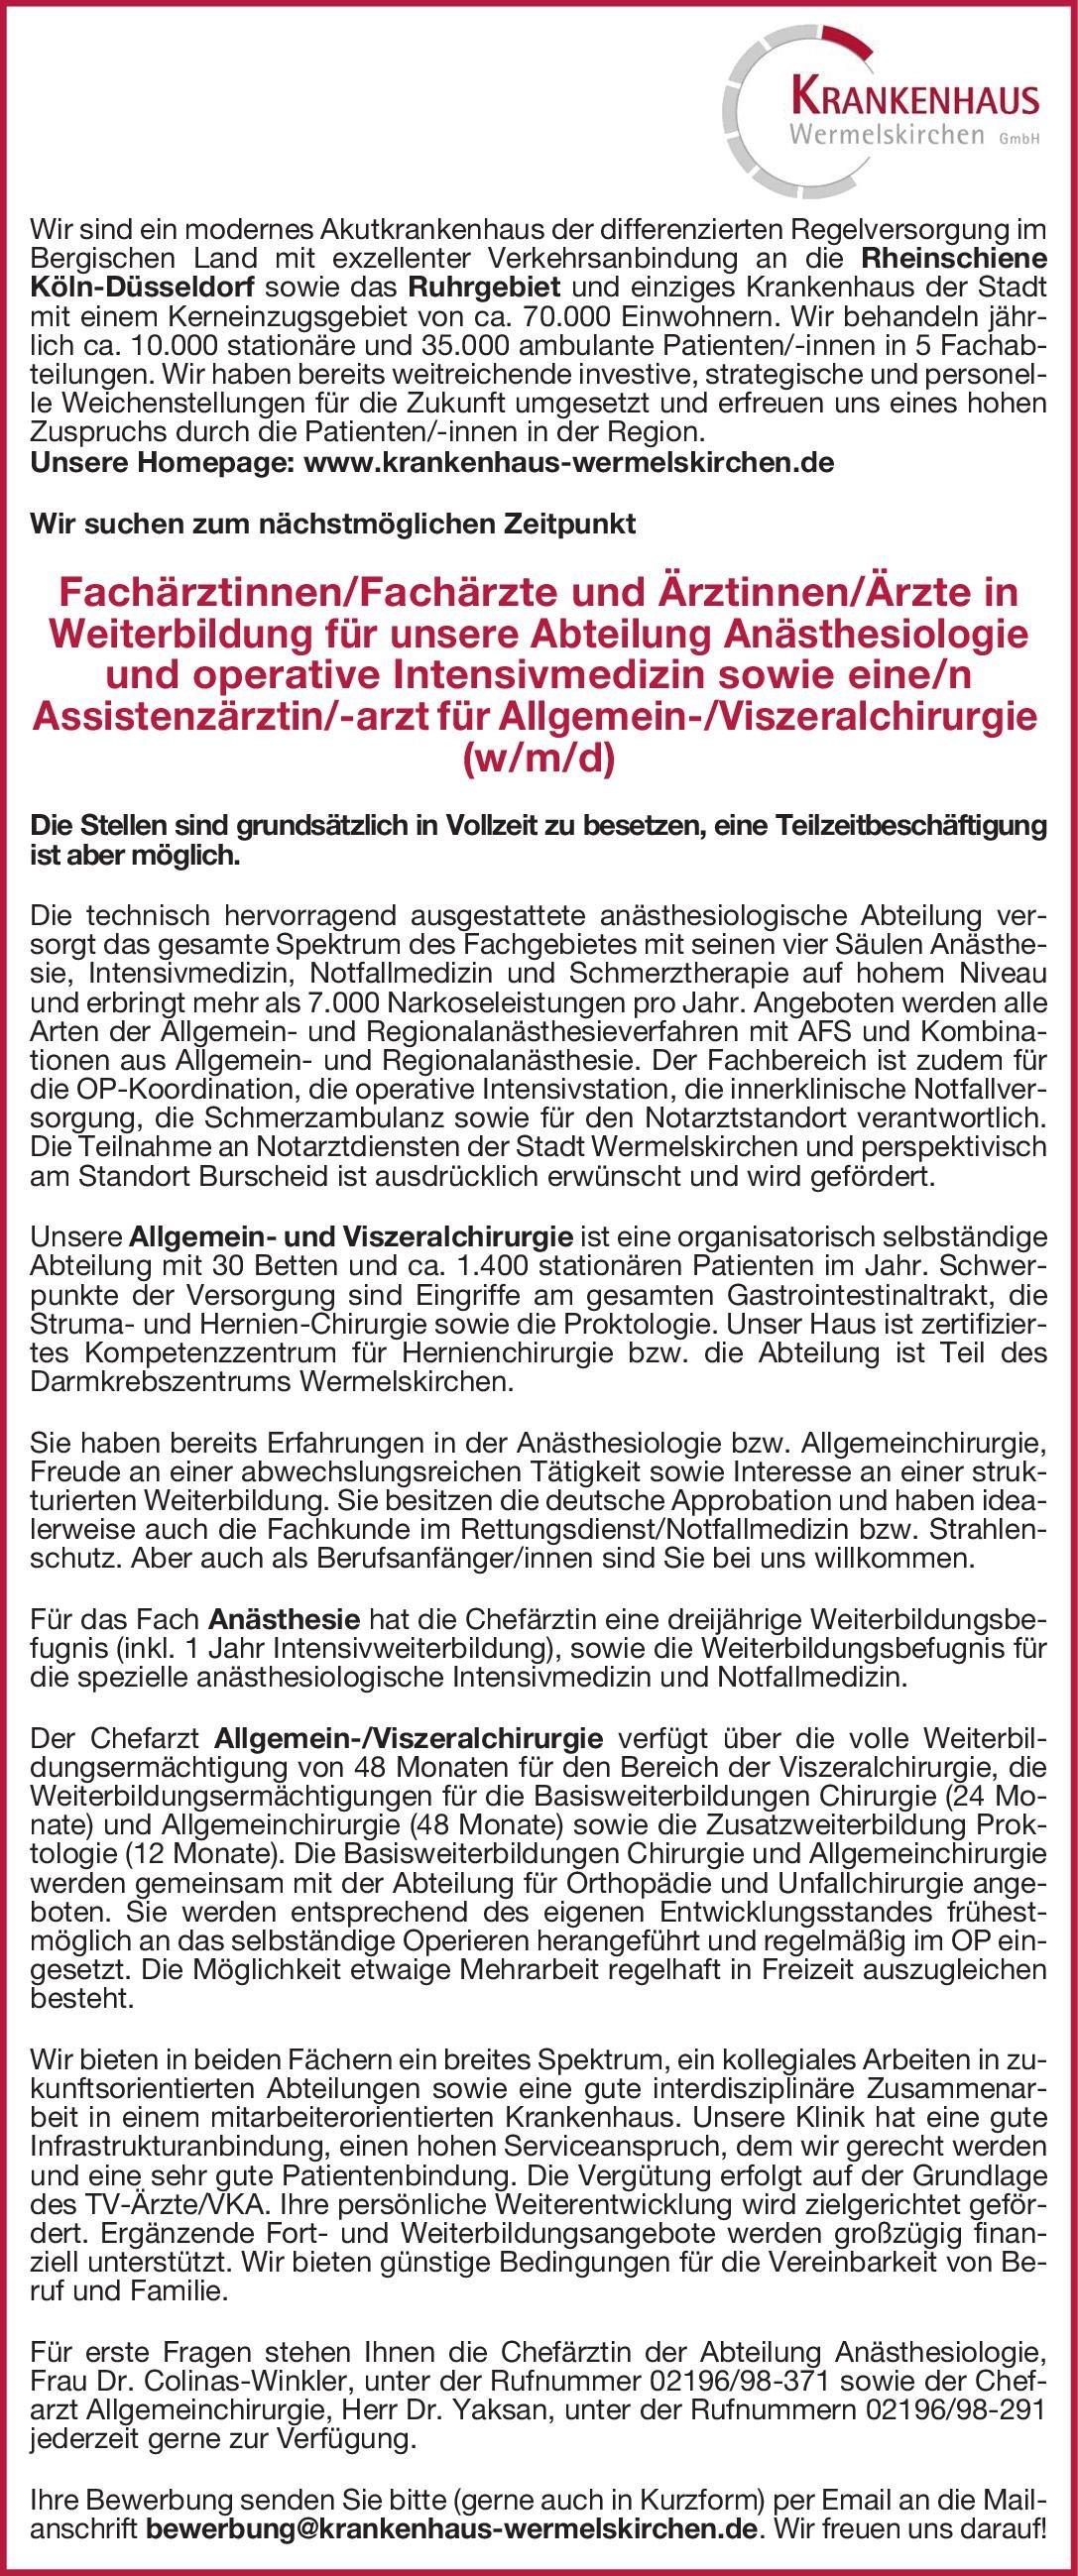 Krankenhaus Wermelskirchen GmbH Fachärztinnen/Fachärzte und Ärztinnen/Ärzte inWeiterbildung für unsere Abteilung Anästhesiologie und operative Intensivmedizin Anästhesiologie / Intensivmedizin, Chirurgie Arzt / Facharzt, Assistenzarzt / Arzt in Weiterbildung